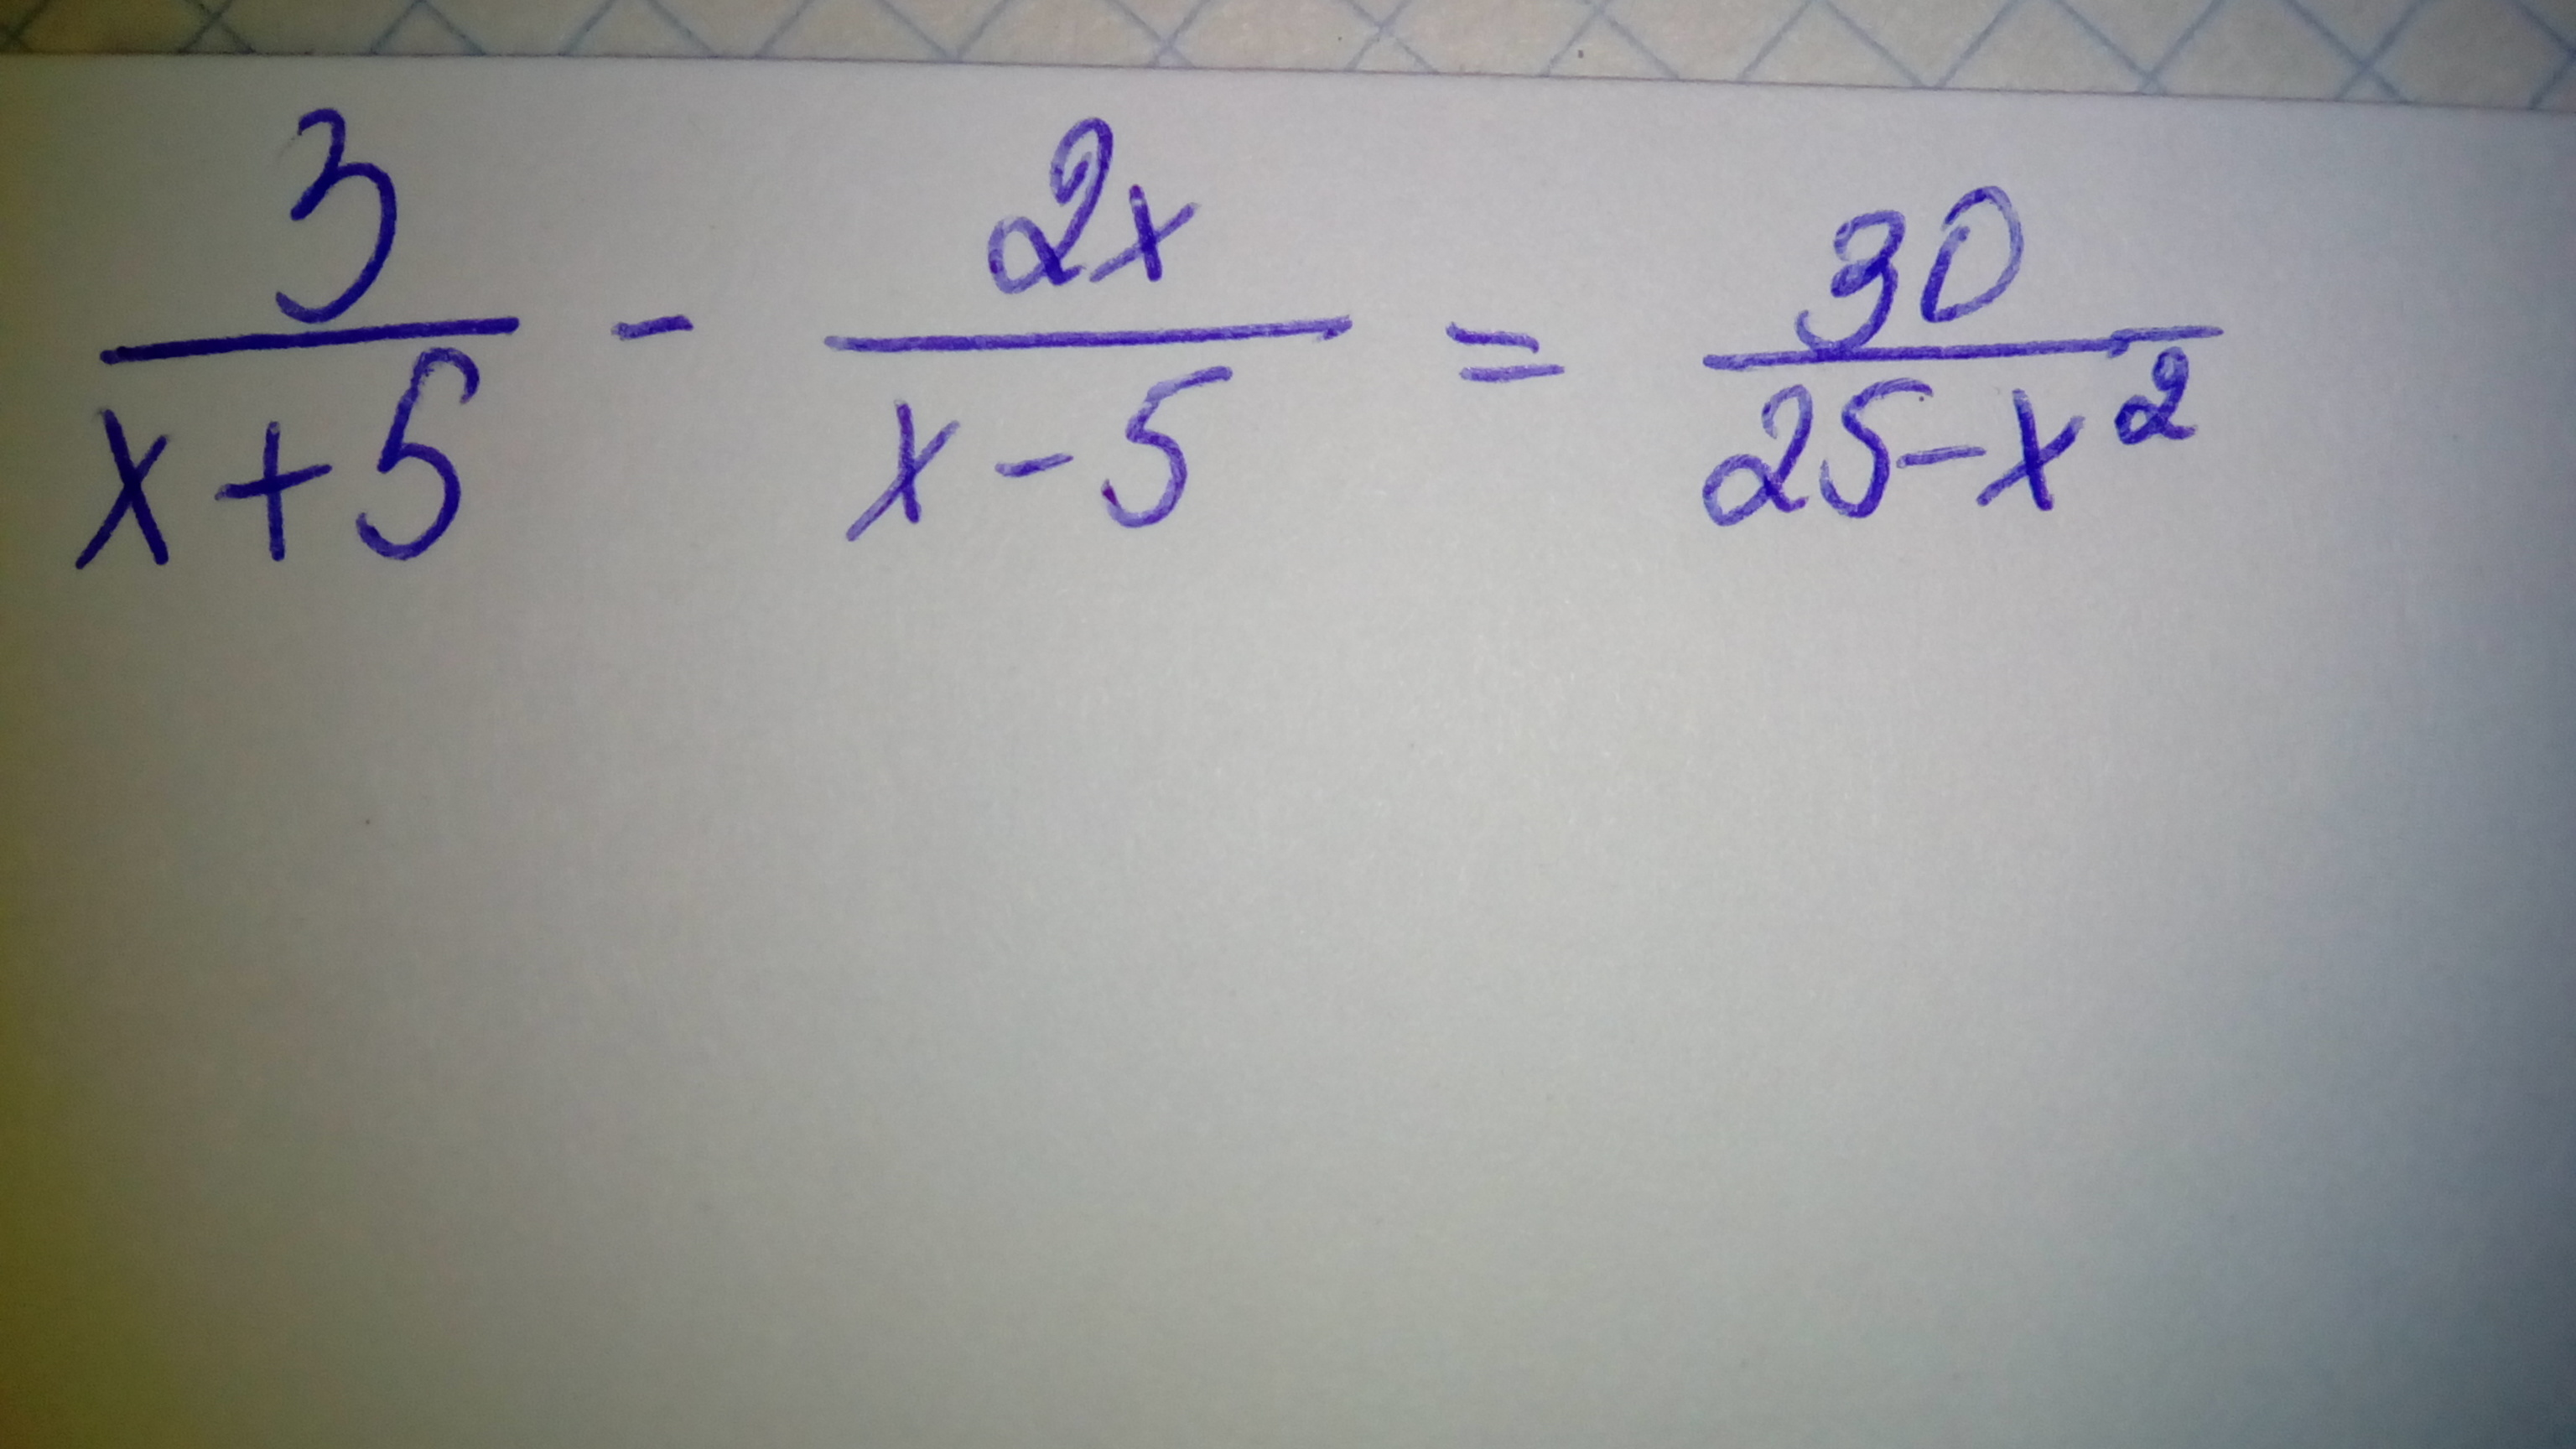 Помогите решить уравнение с ОДЗ: через дискриминант